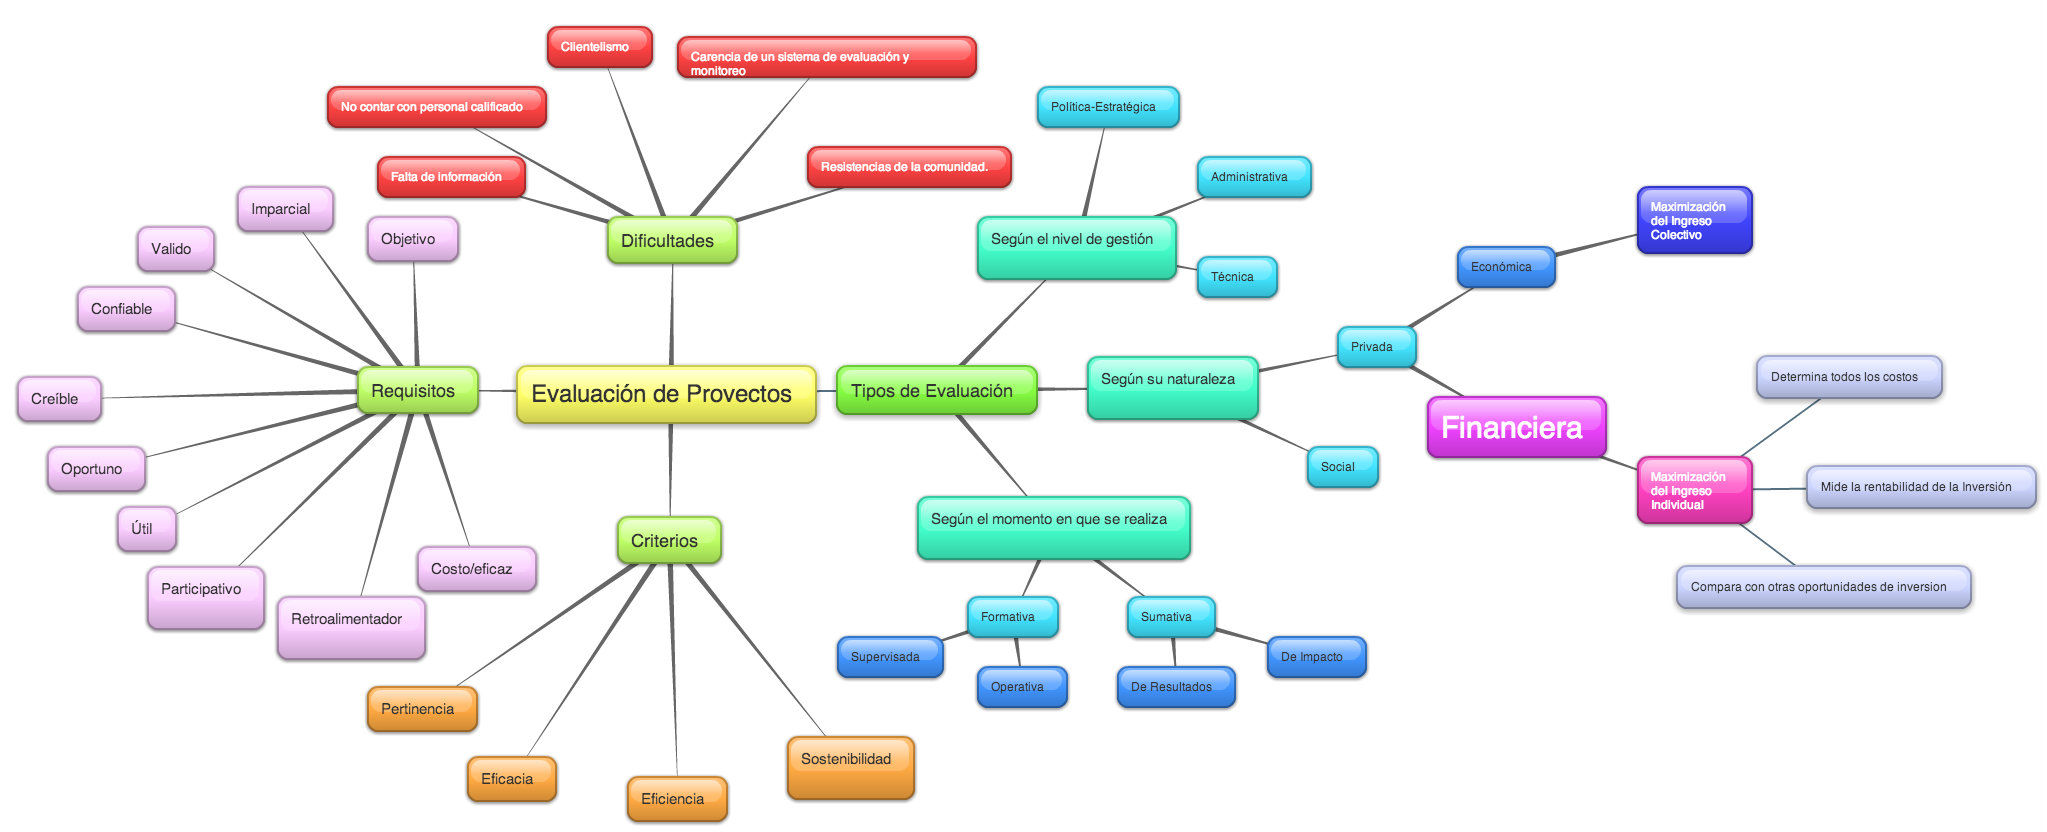 Mapa_evaluaci%c3%b3n_financiera_de_proyectos_de_inversi%c3%b3n